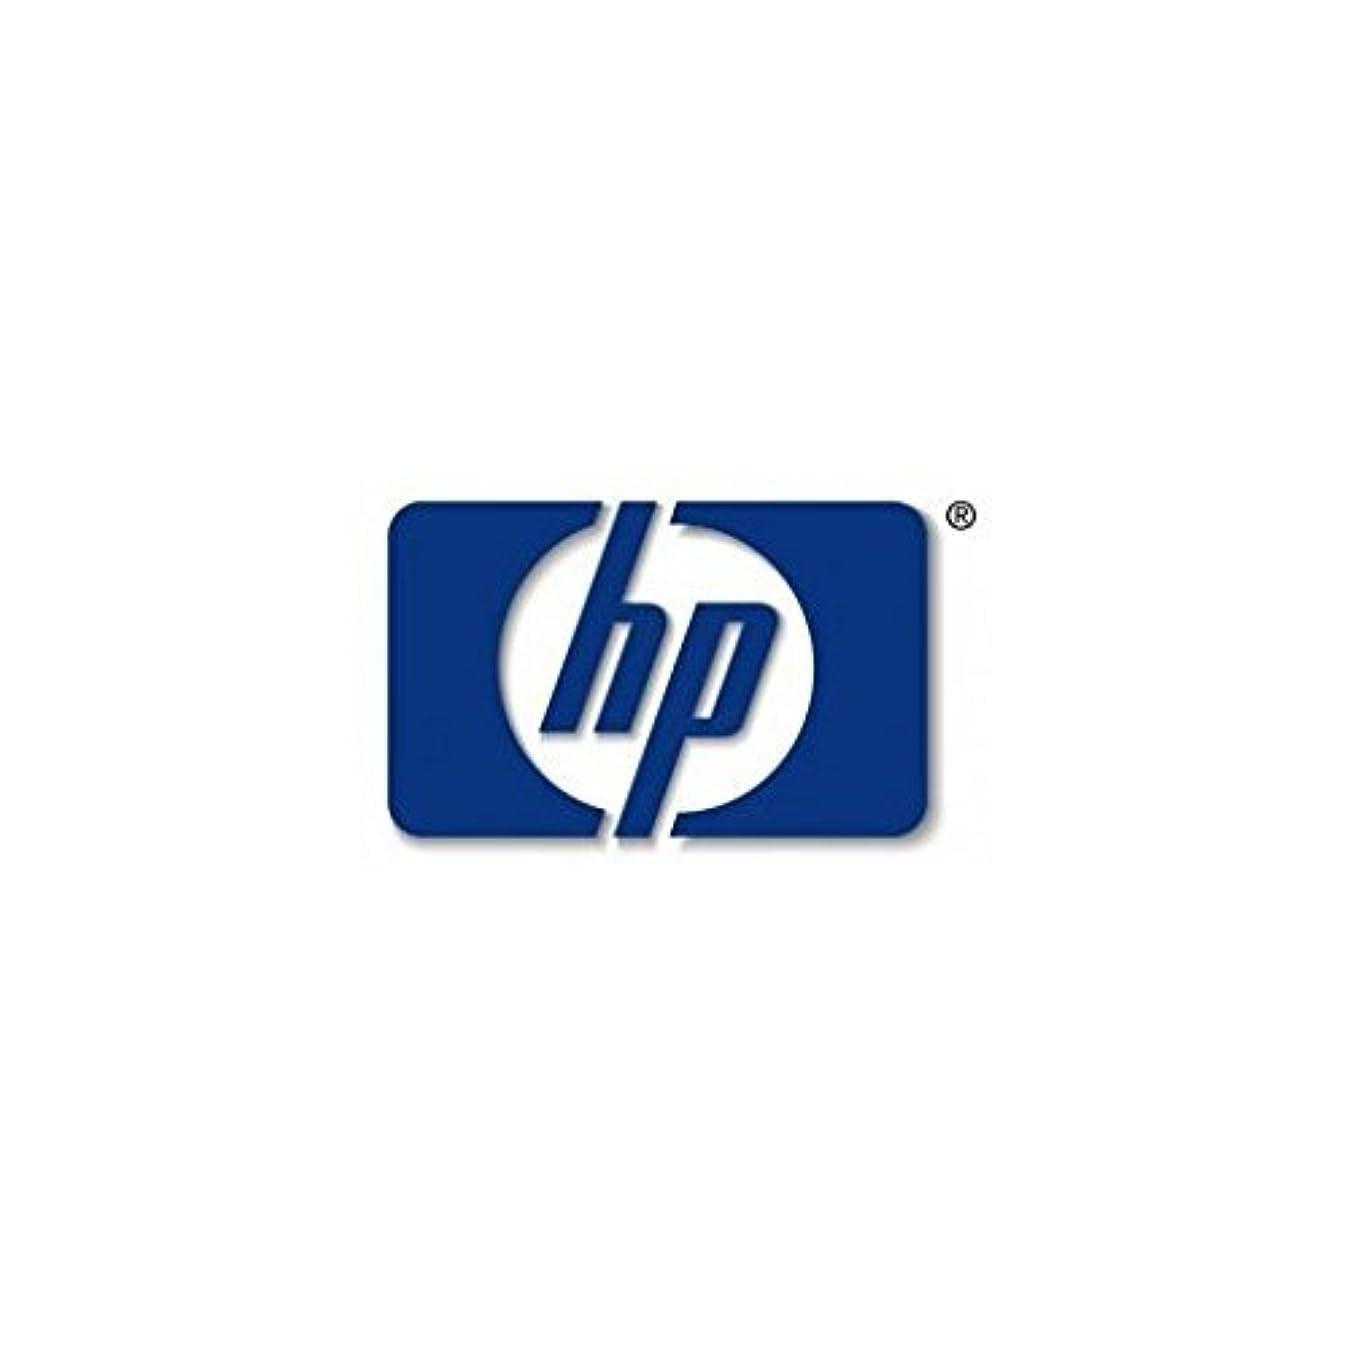 めまい発掘するプレフィックスHP 701401 – 001 ATI Radeon HD 7350 PCIe x16 512 MB ddr3メモリグラフィックスカード – フル高さマウントブラケット(meerk2 )